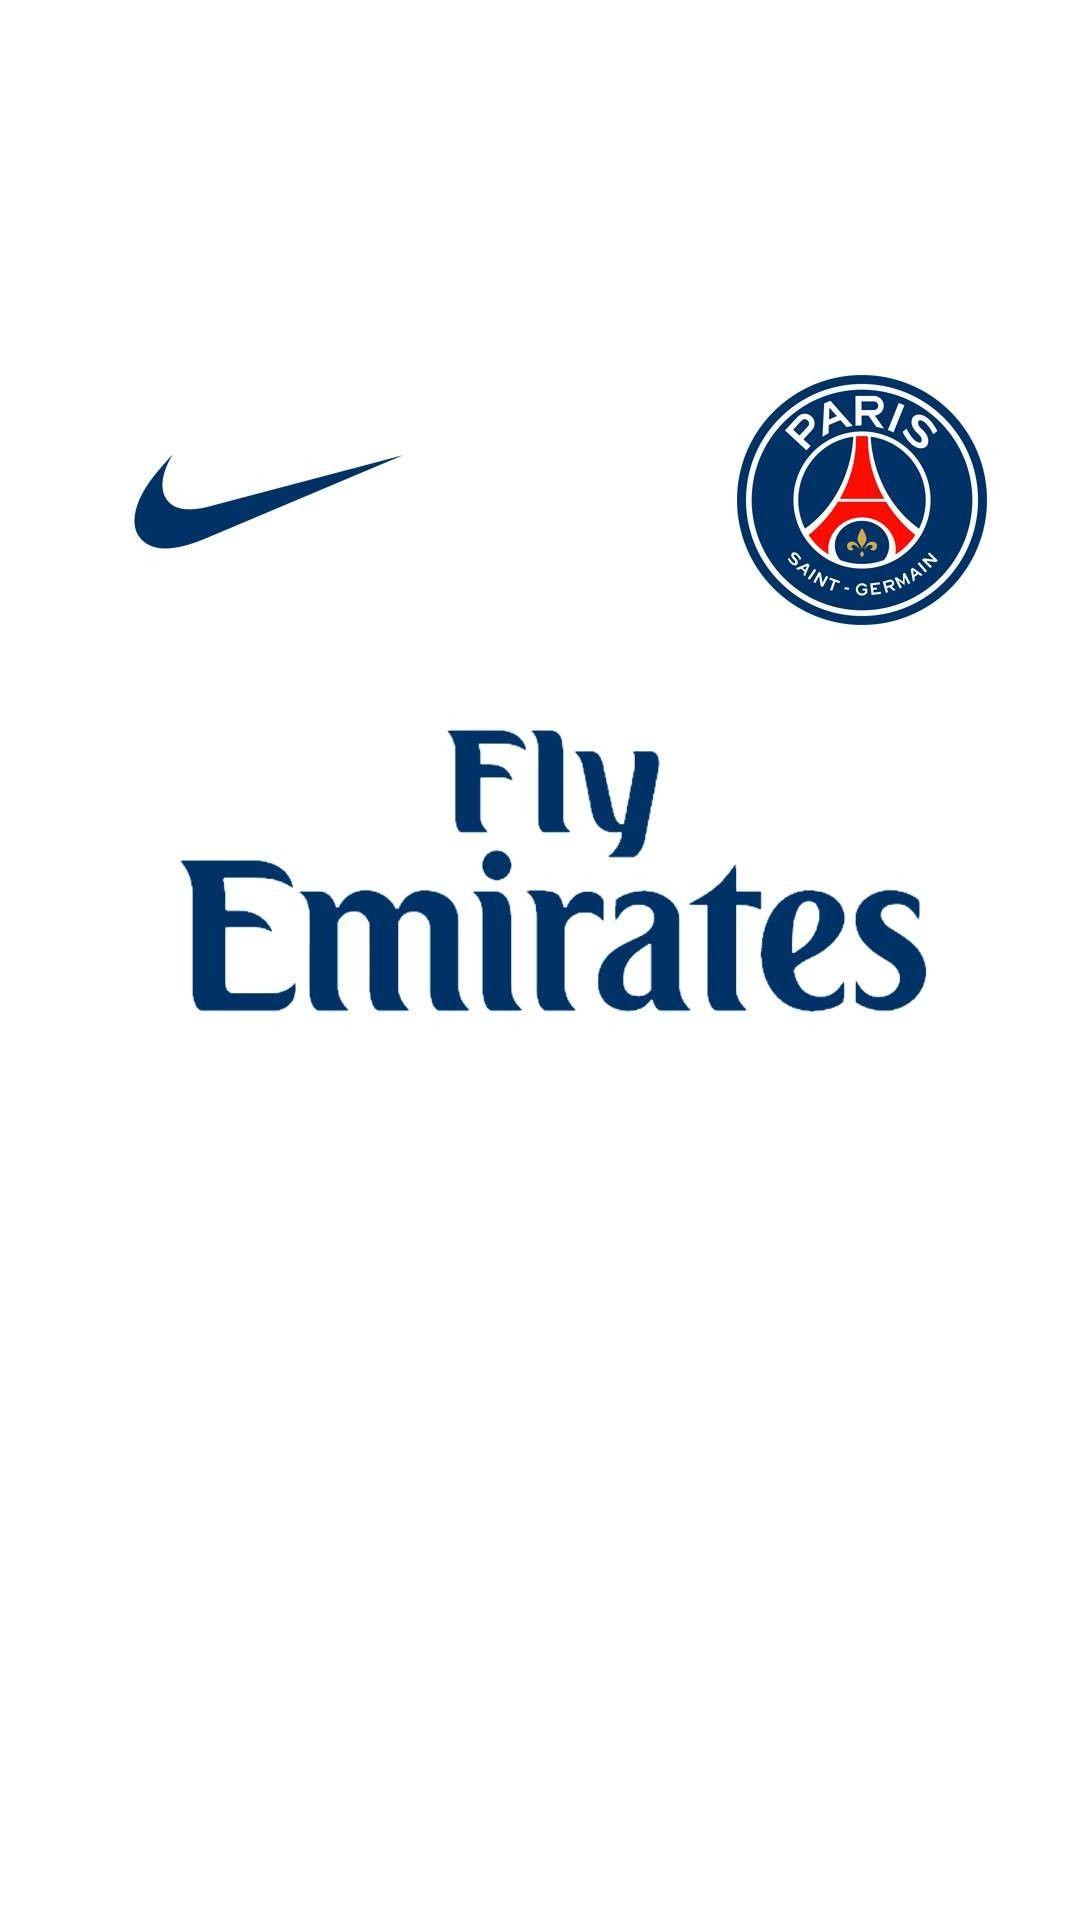 Pin De Marcelo Mattityahu Em Escudofutebolclube Em 2020 Camisa De Futebol Times De Futebol Futebol